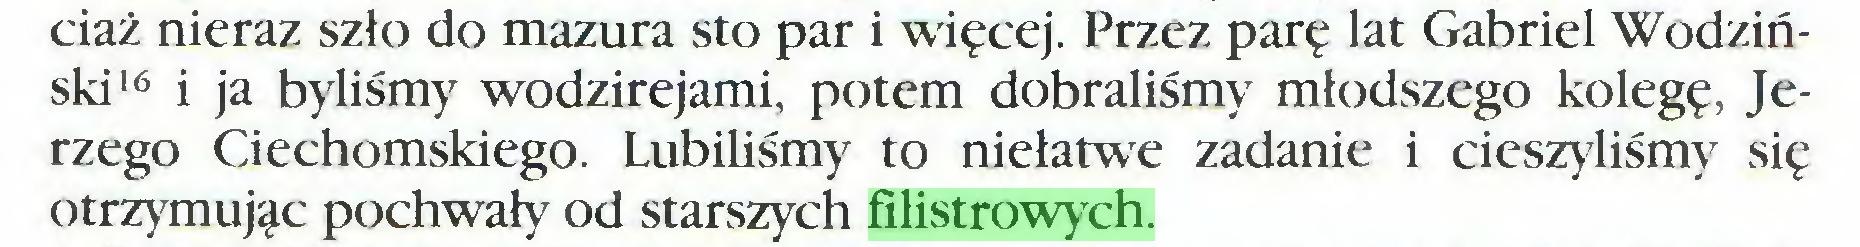 (...) ciaż nieraz szło do mazura sto par i więcej. Przez parę lat Gabriel Wodziński16 i ja byliśmy wodzirejami, potem dobraliśmy młodszego kolegę, Jerzego Ciechomskiego. Lubiliśmy to niełatwe zadanie i cieszyliśmy się otrzymując pochwały od starszych filistrowych...